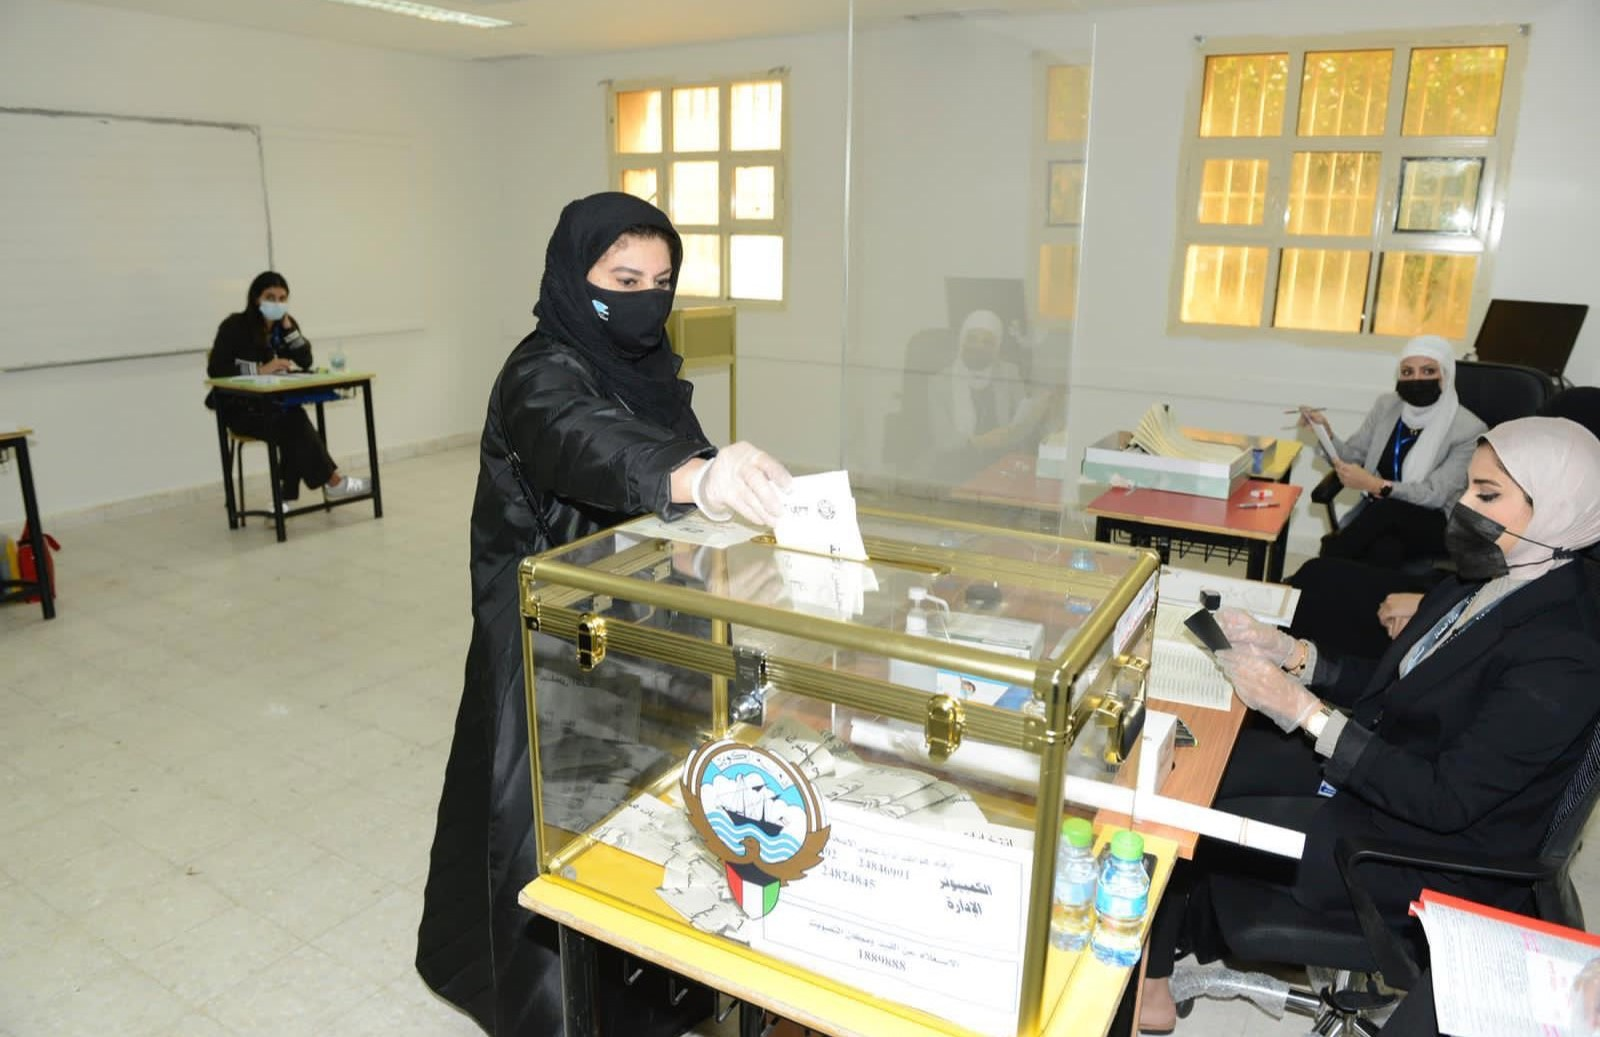 سيدة كويتية ترمي ببطاقة مرشحها الانتخابي في صندوق الاقتراع. (وزارة الإعلام الكويتية)